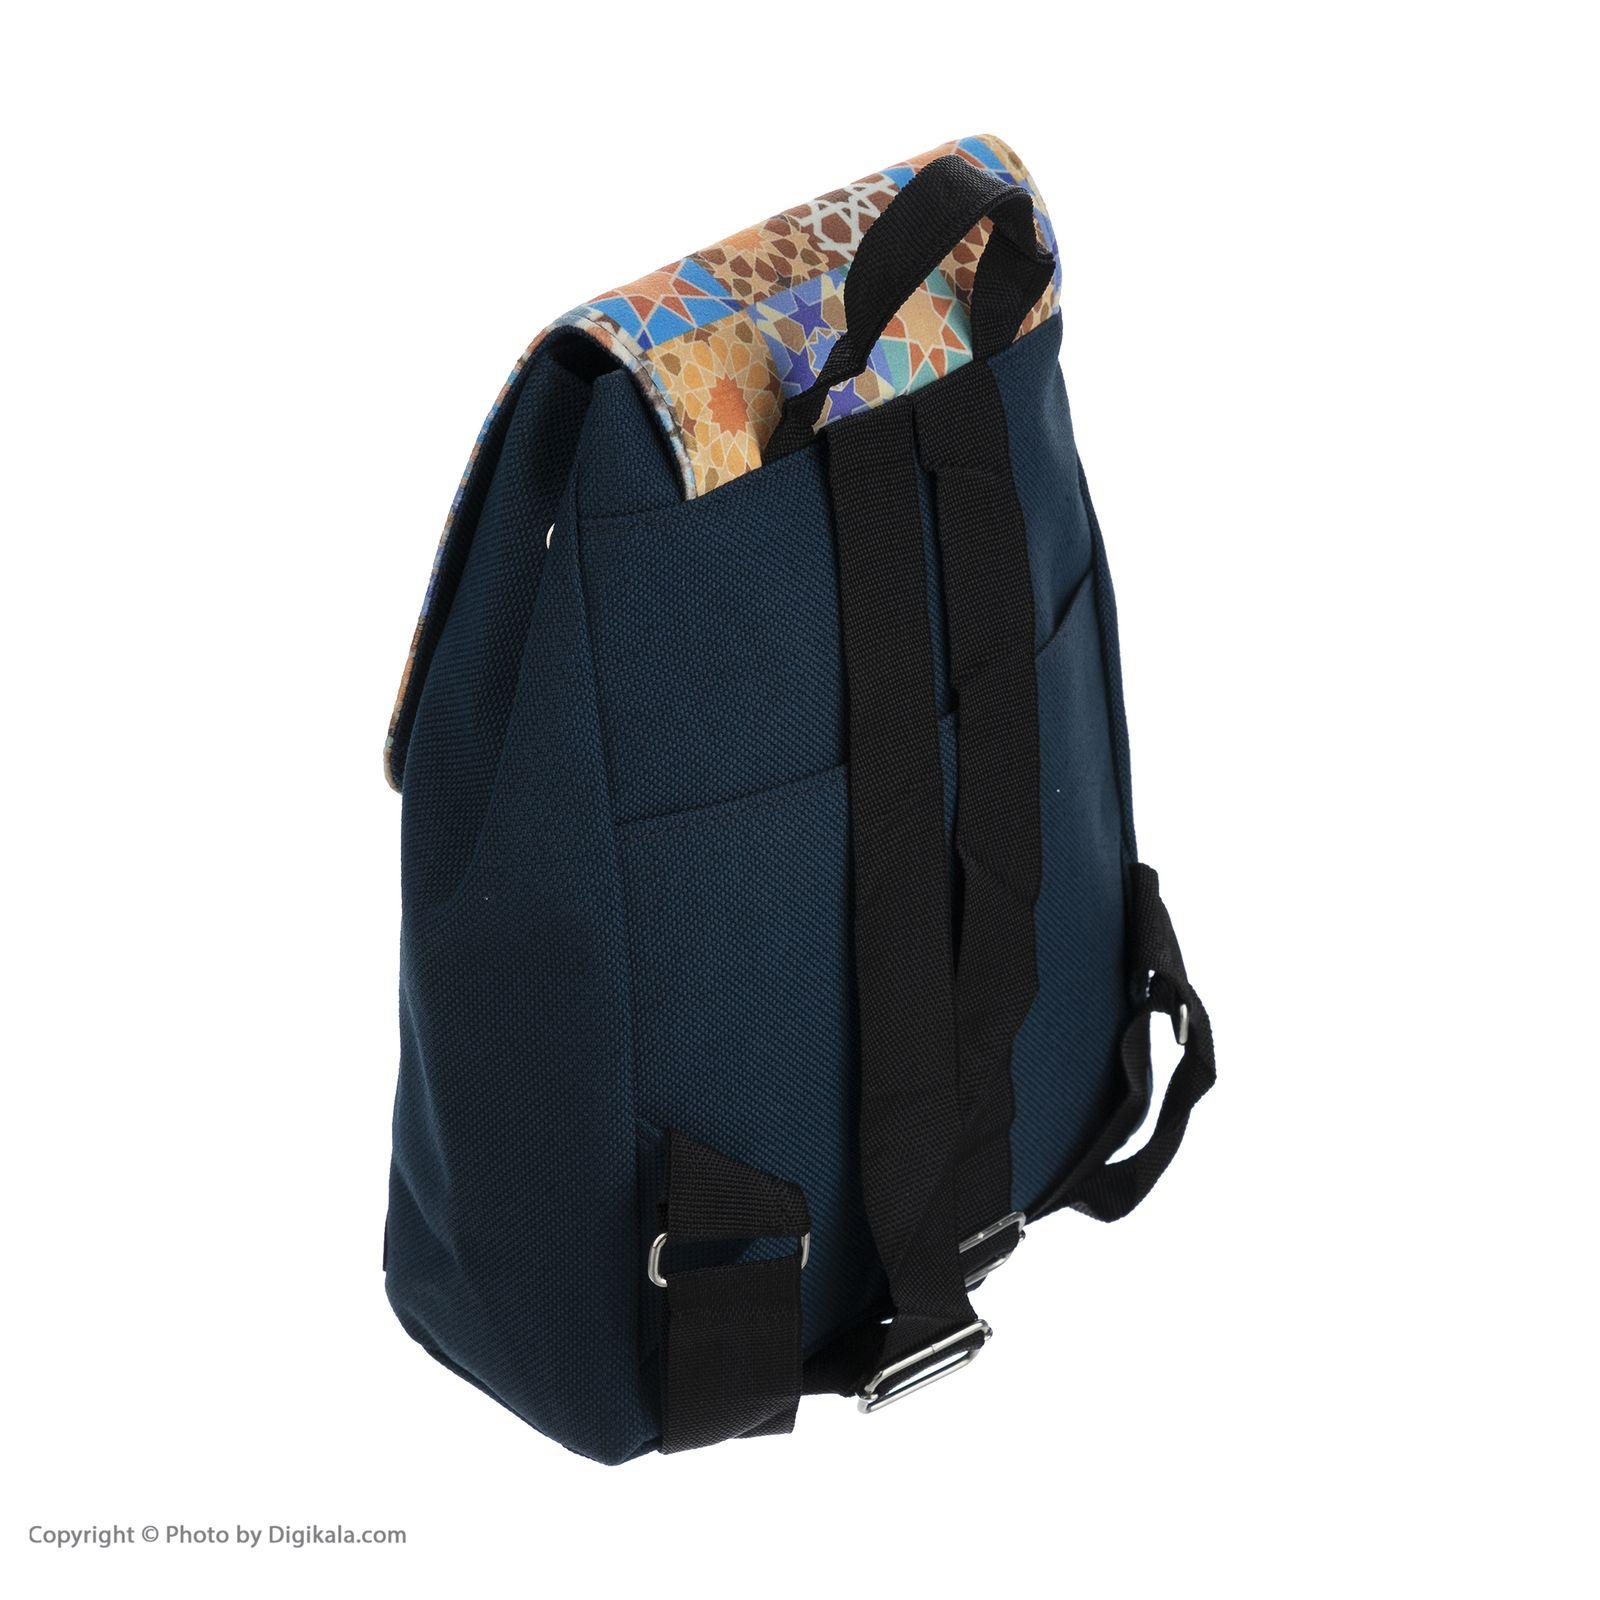 کوله پشتی زنانه میو مدل MBPM123-1 -  - 5